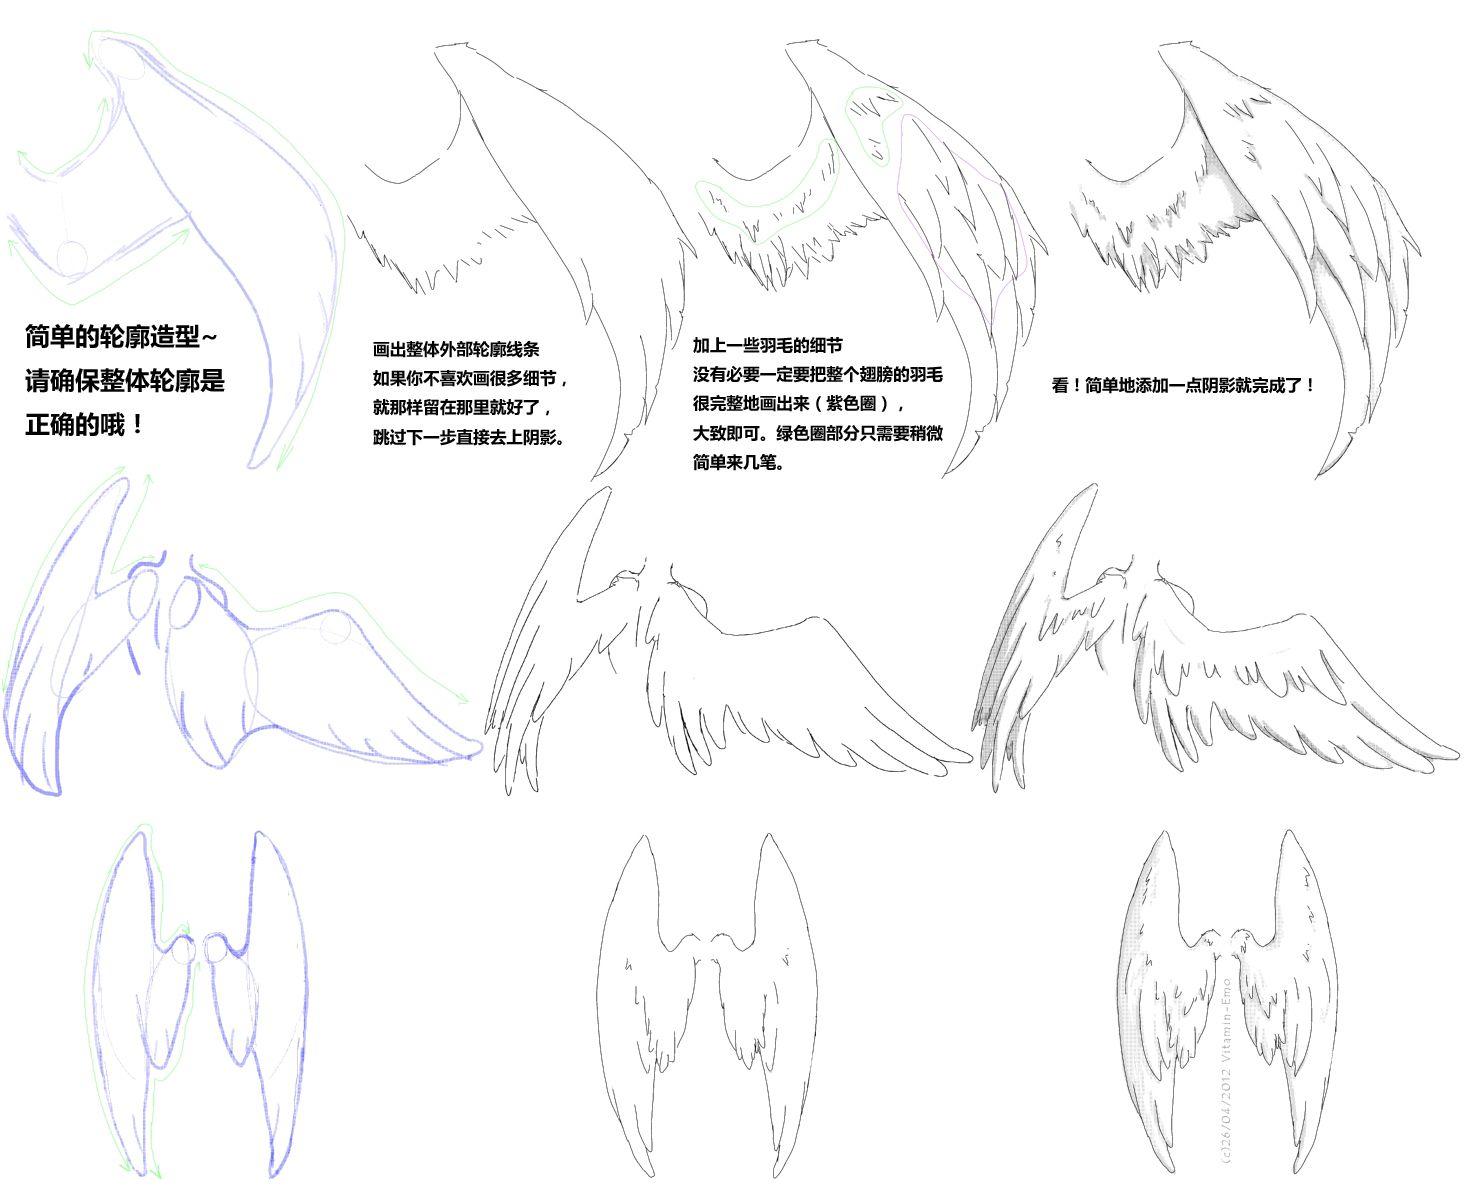 漫画中常见的翅膀 - 优动漫 动漫创作支援平台